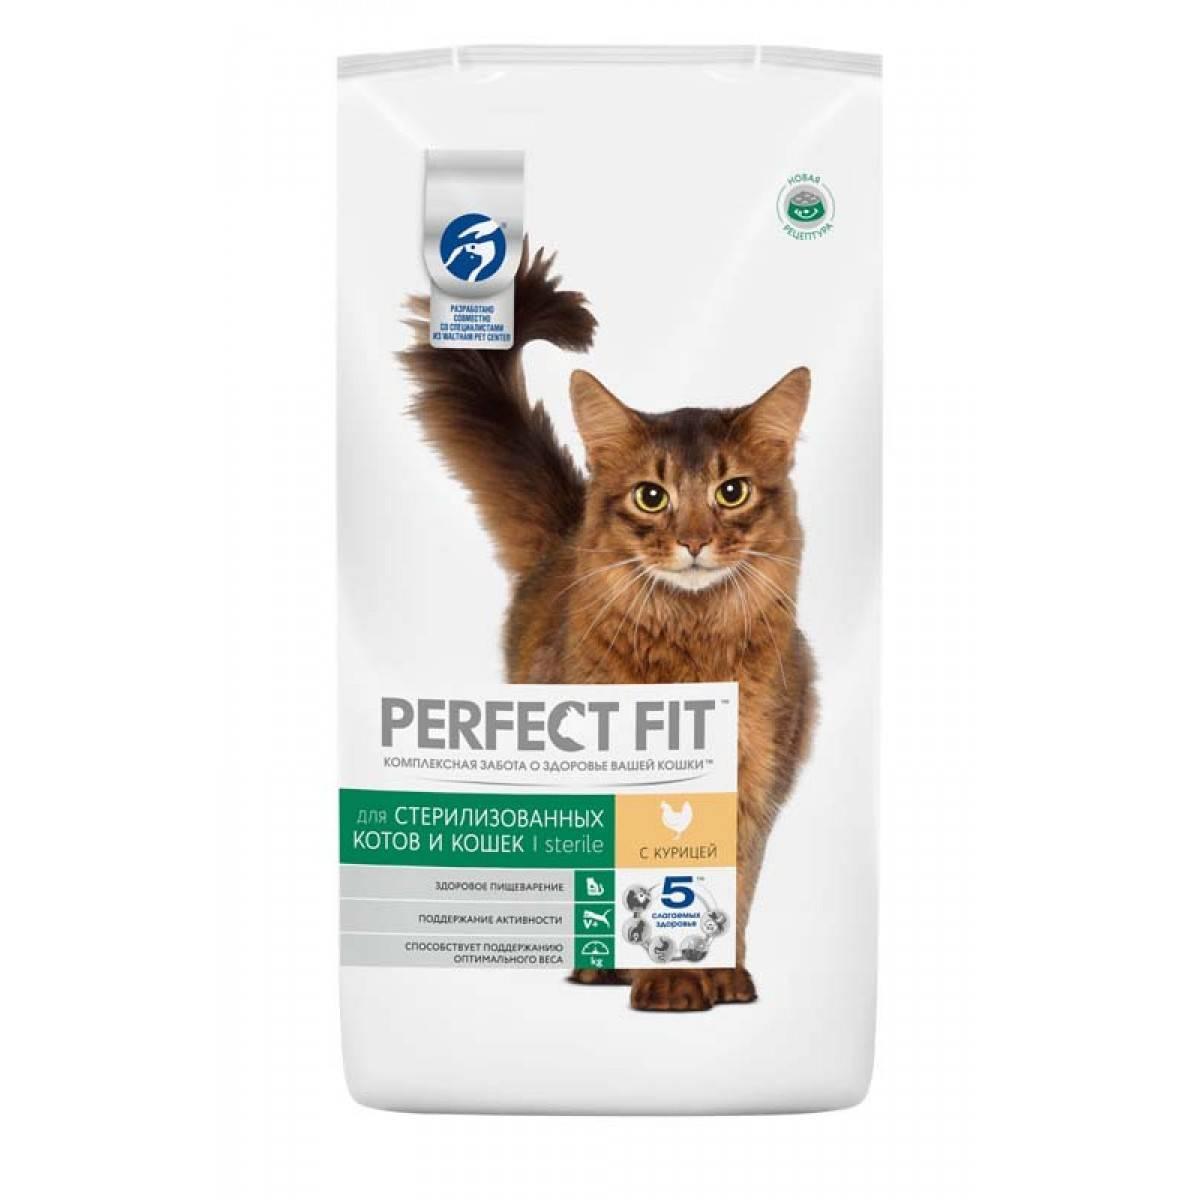 Сухой корм для стерилизованных кошек: свойства, производители, выбор и режим питания